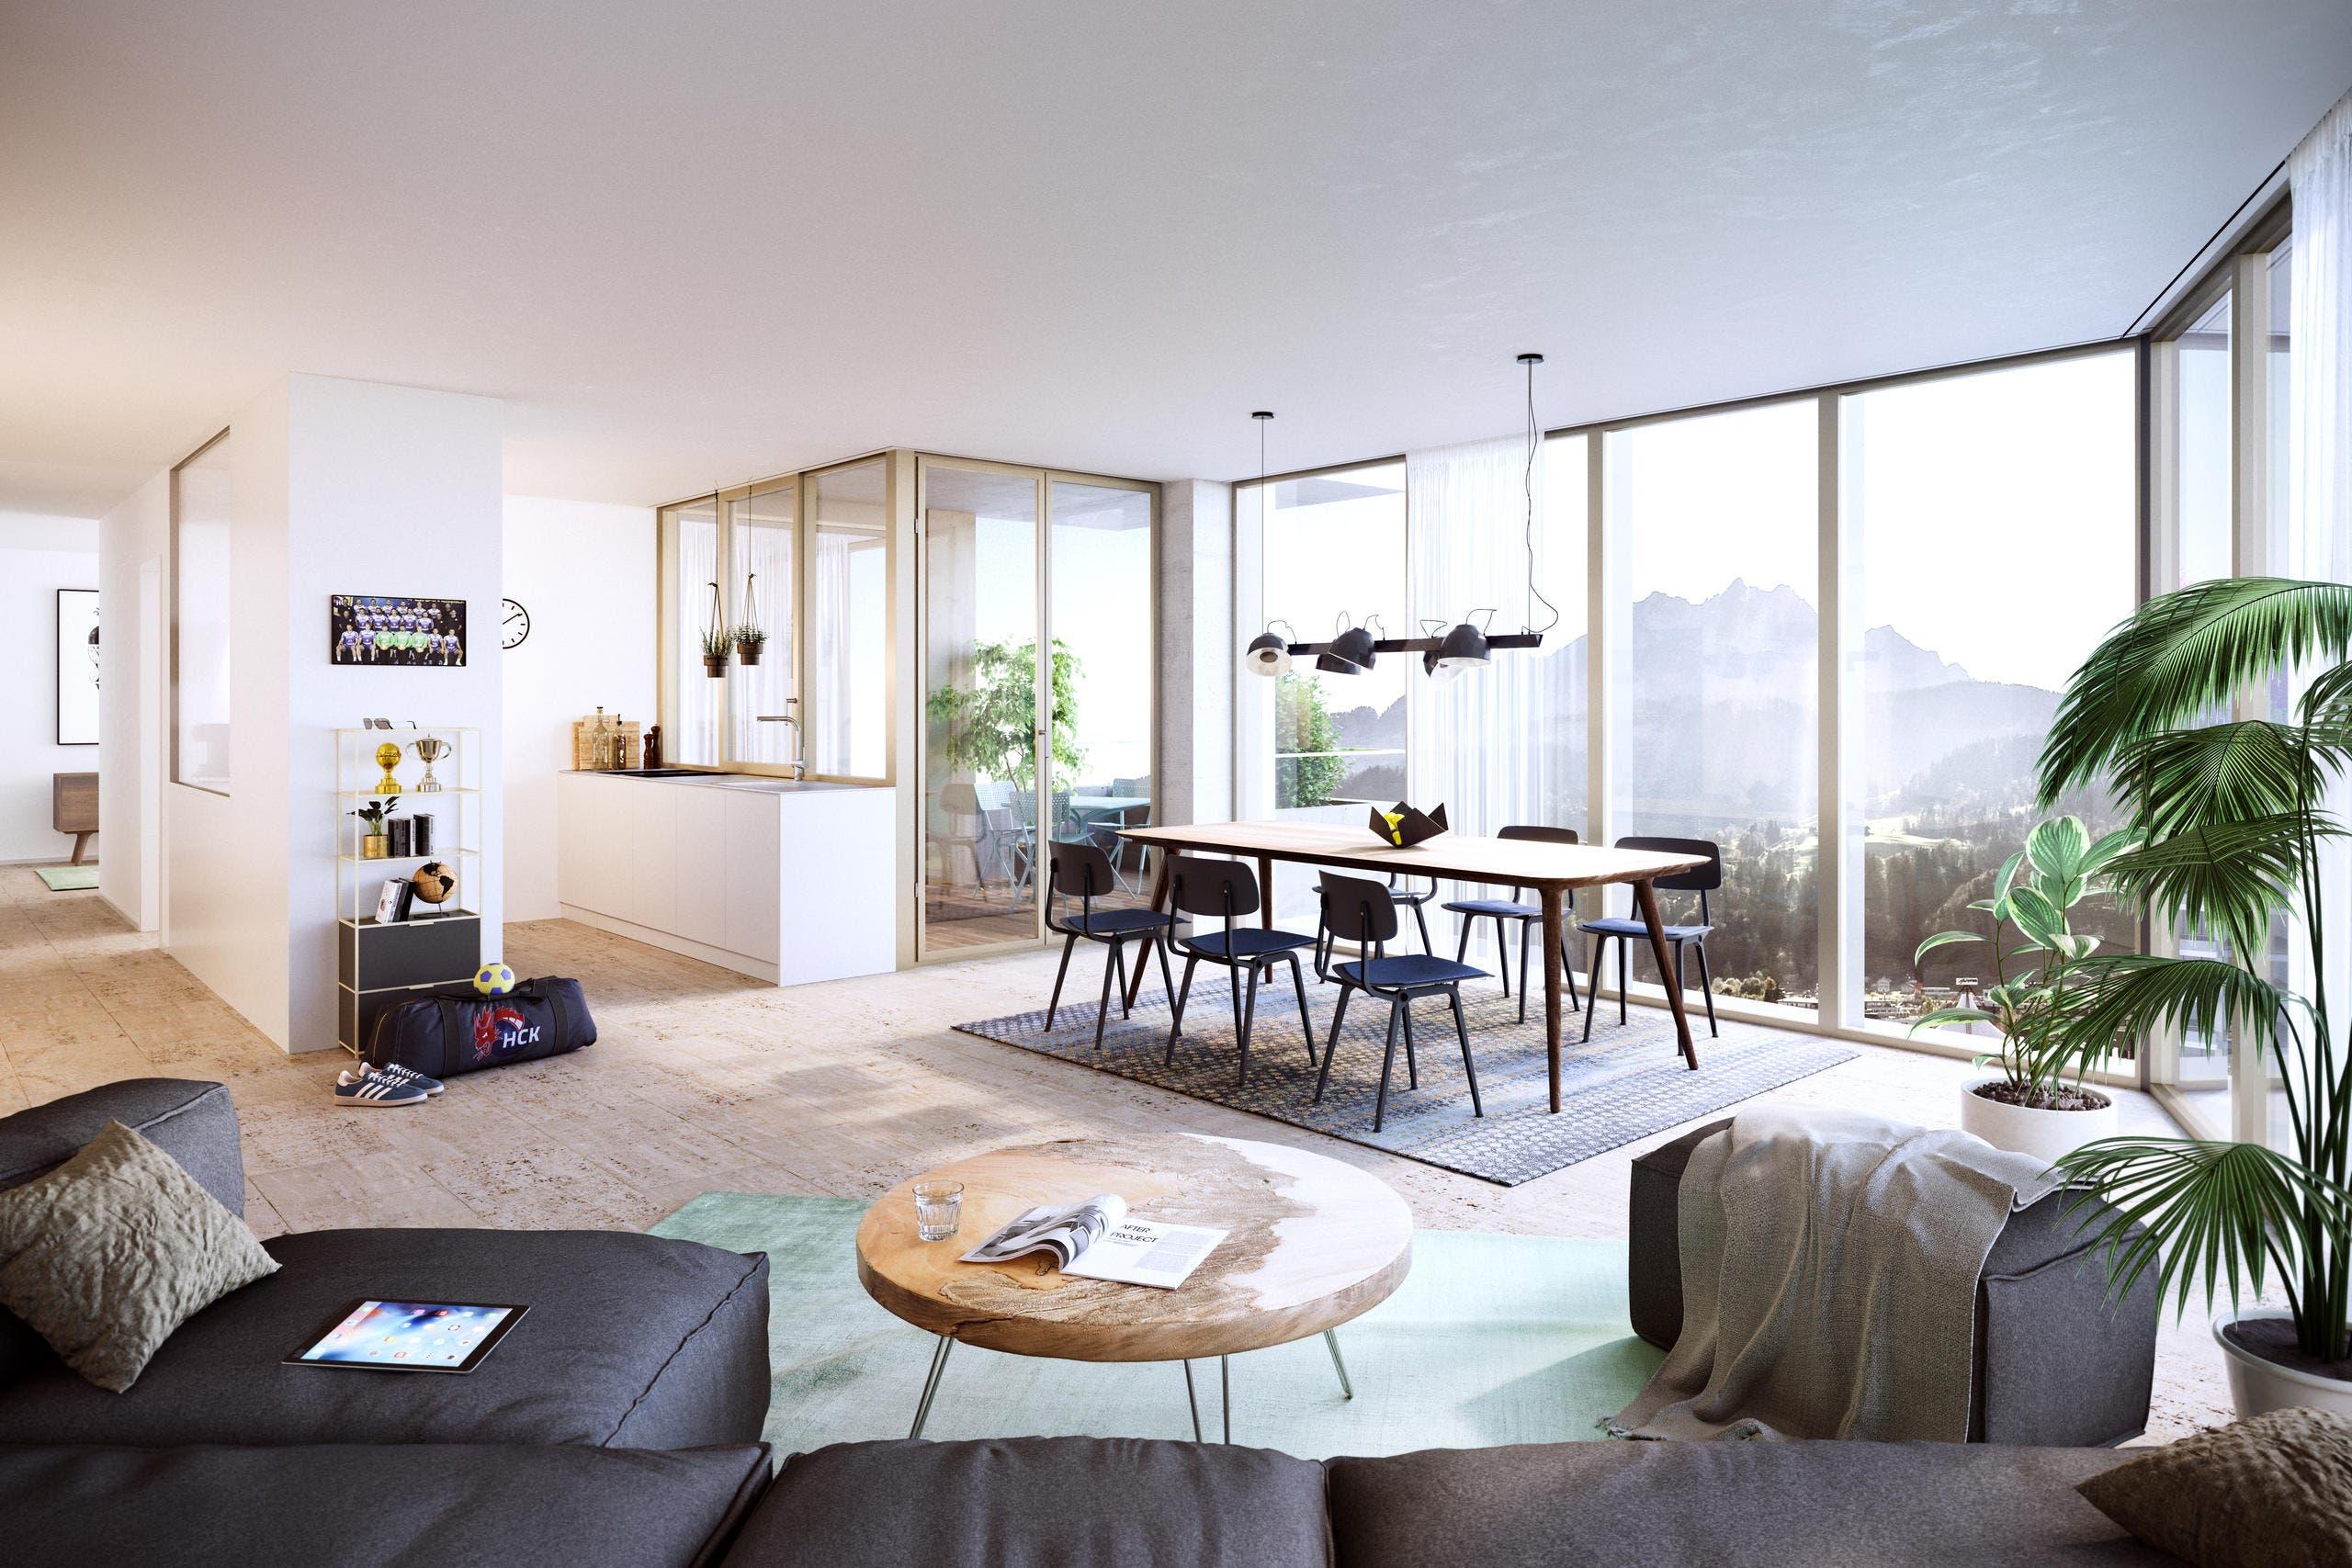 Die Wohnungen werden Blick auf den Pilatus und die Allmend Luzern haben. (Bild: Visualisierung Raumgleiter AG, Zürich)